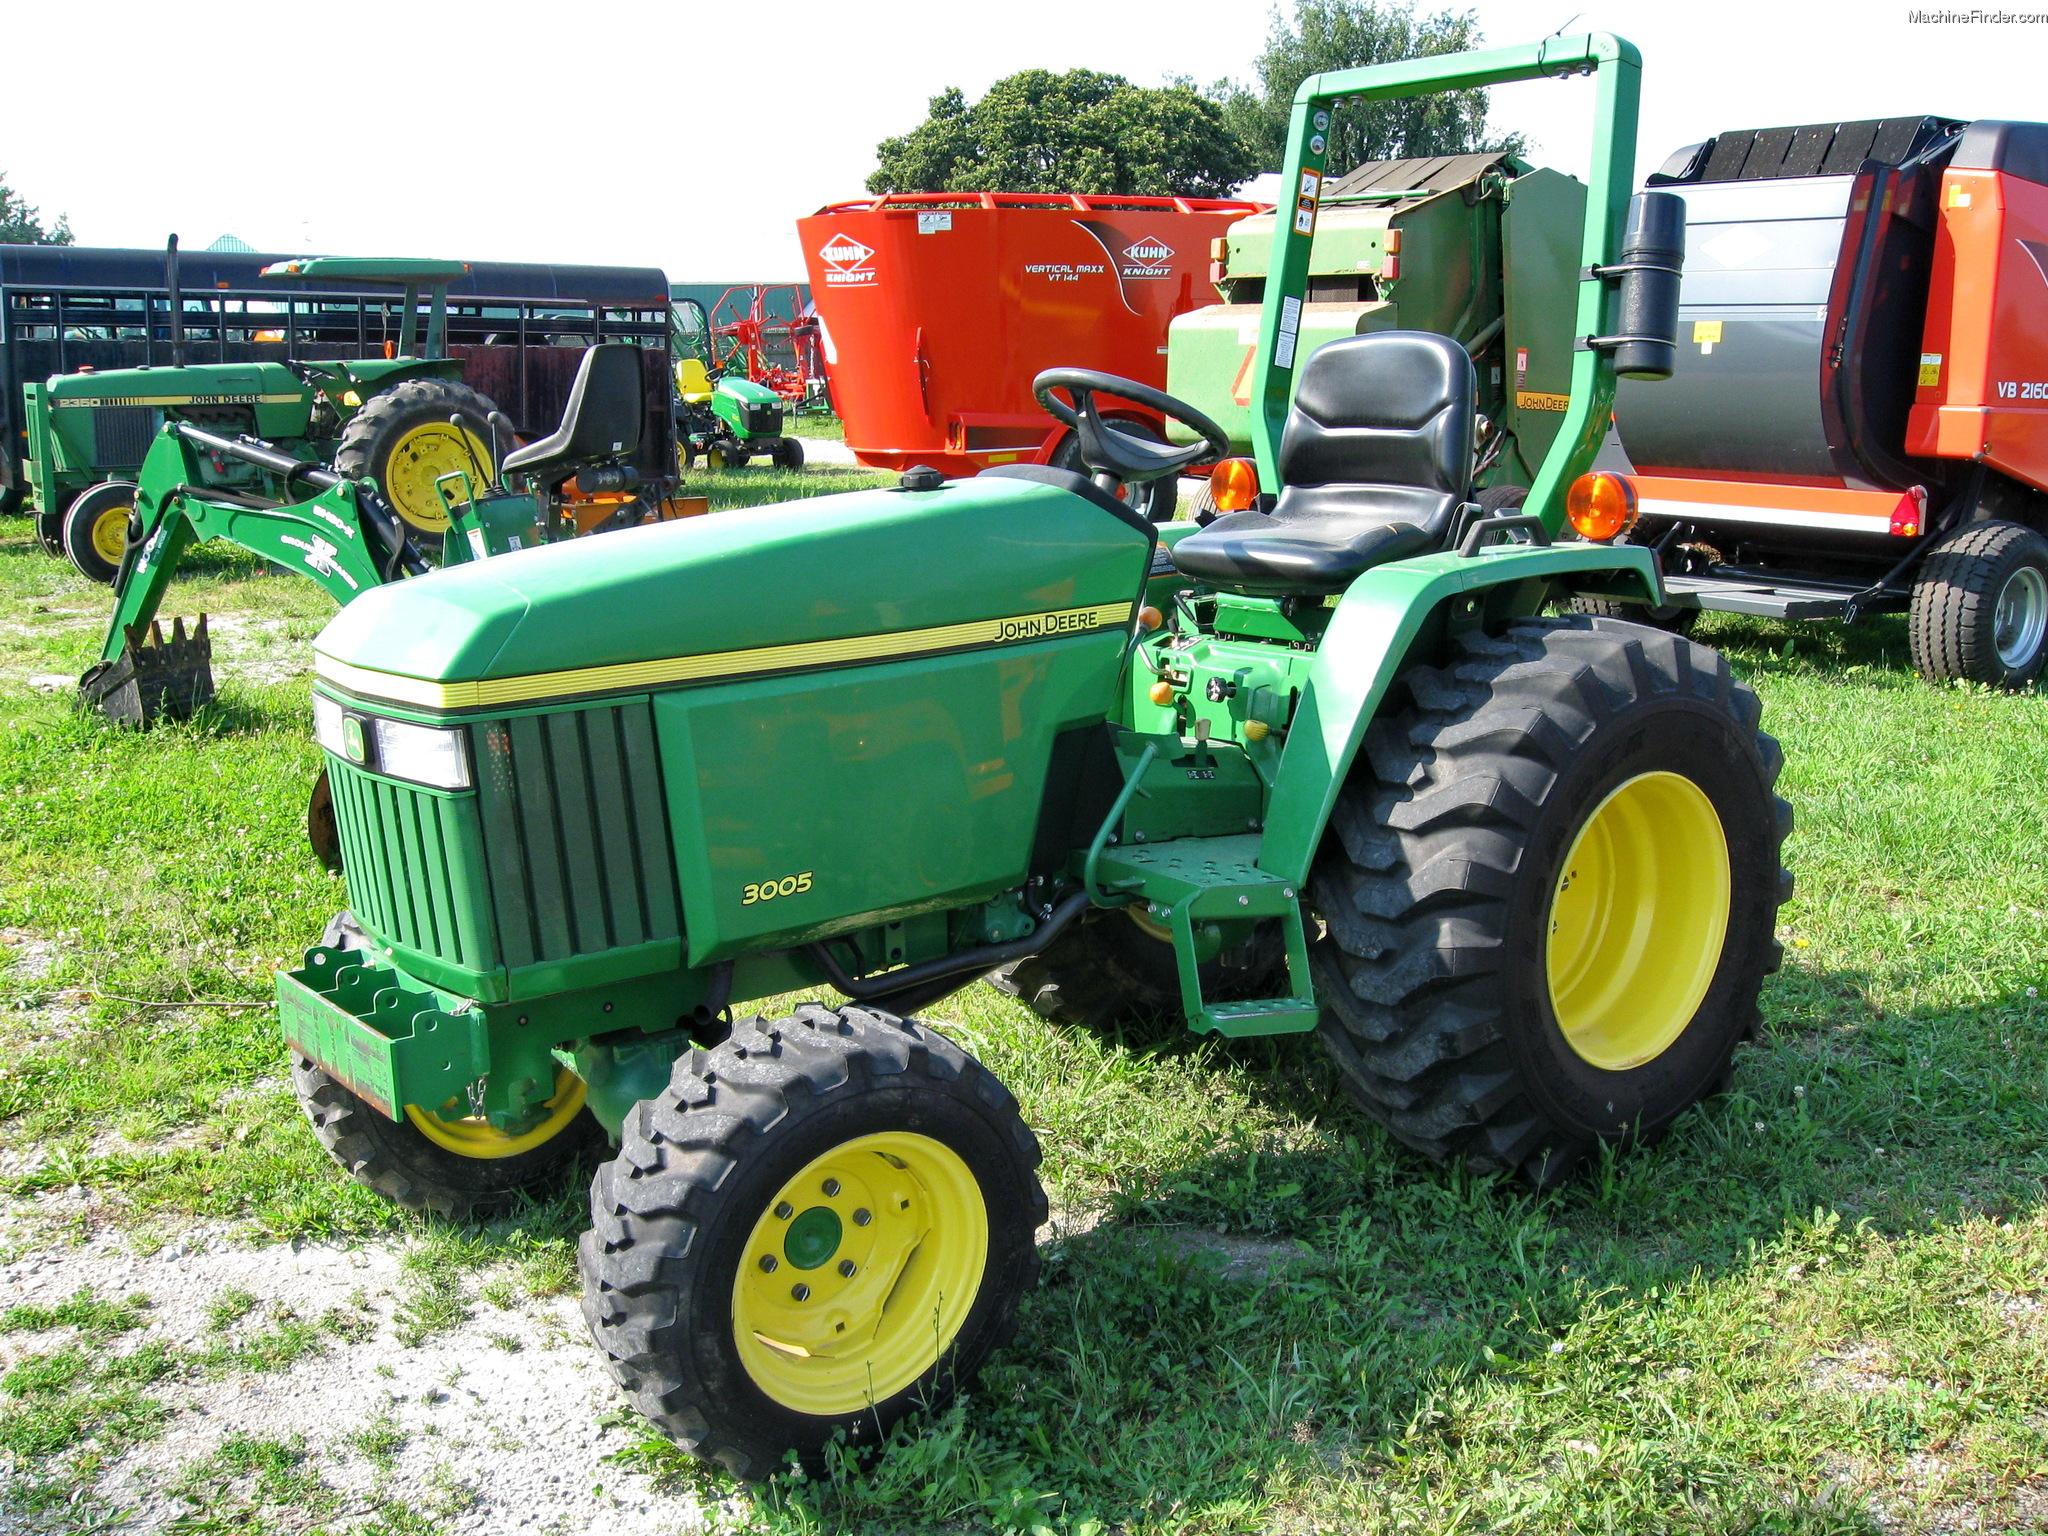 John Deere 3005 Tractors - Compact (1-40hp.) - John Deere ...